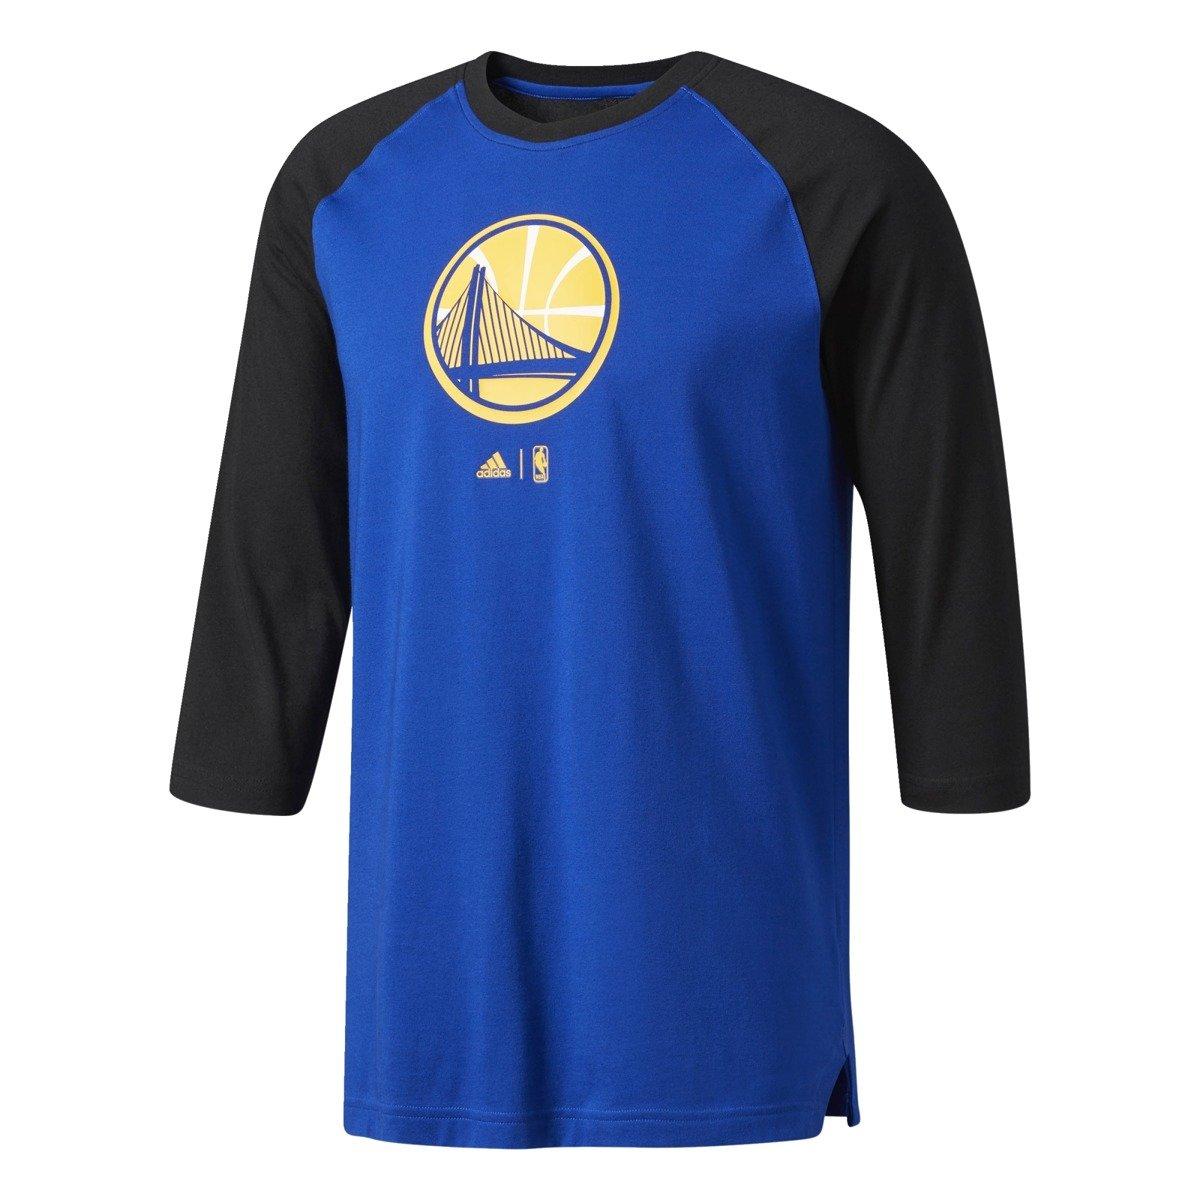 tania wyprzedaż Cena hurtowa kody promocyjne Koszulka Adidas NBA Golden State Warriors